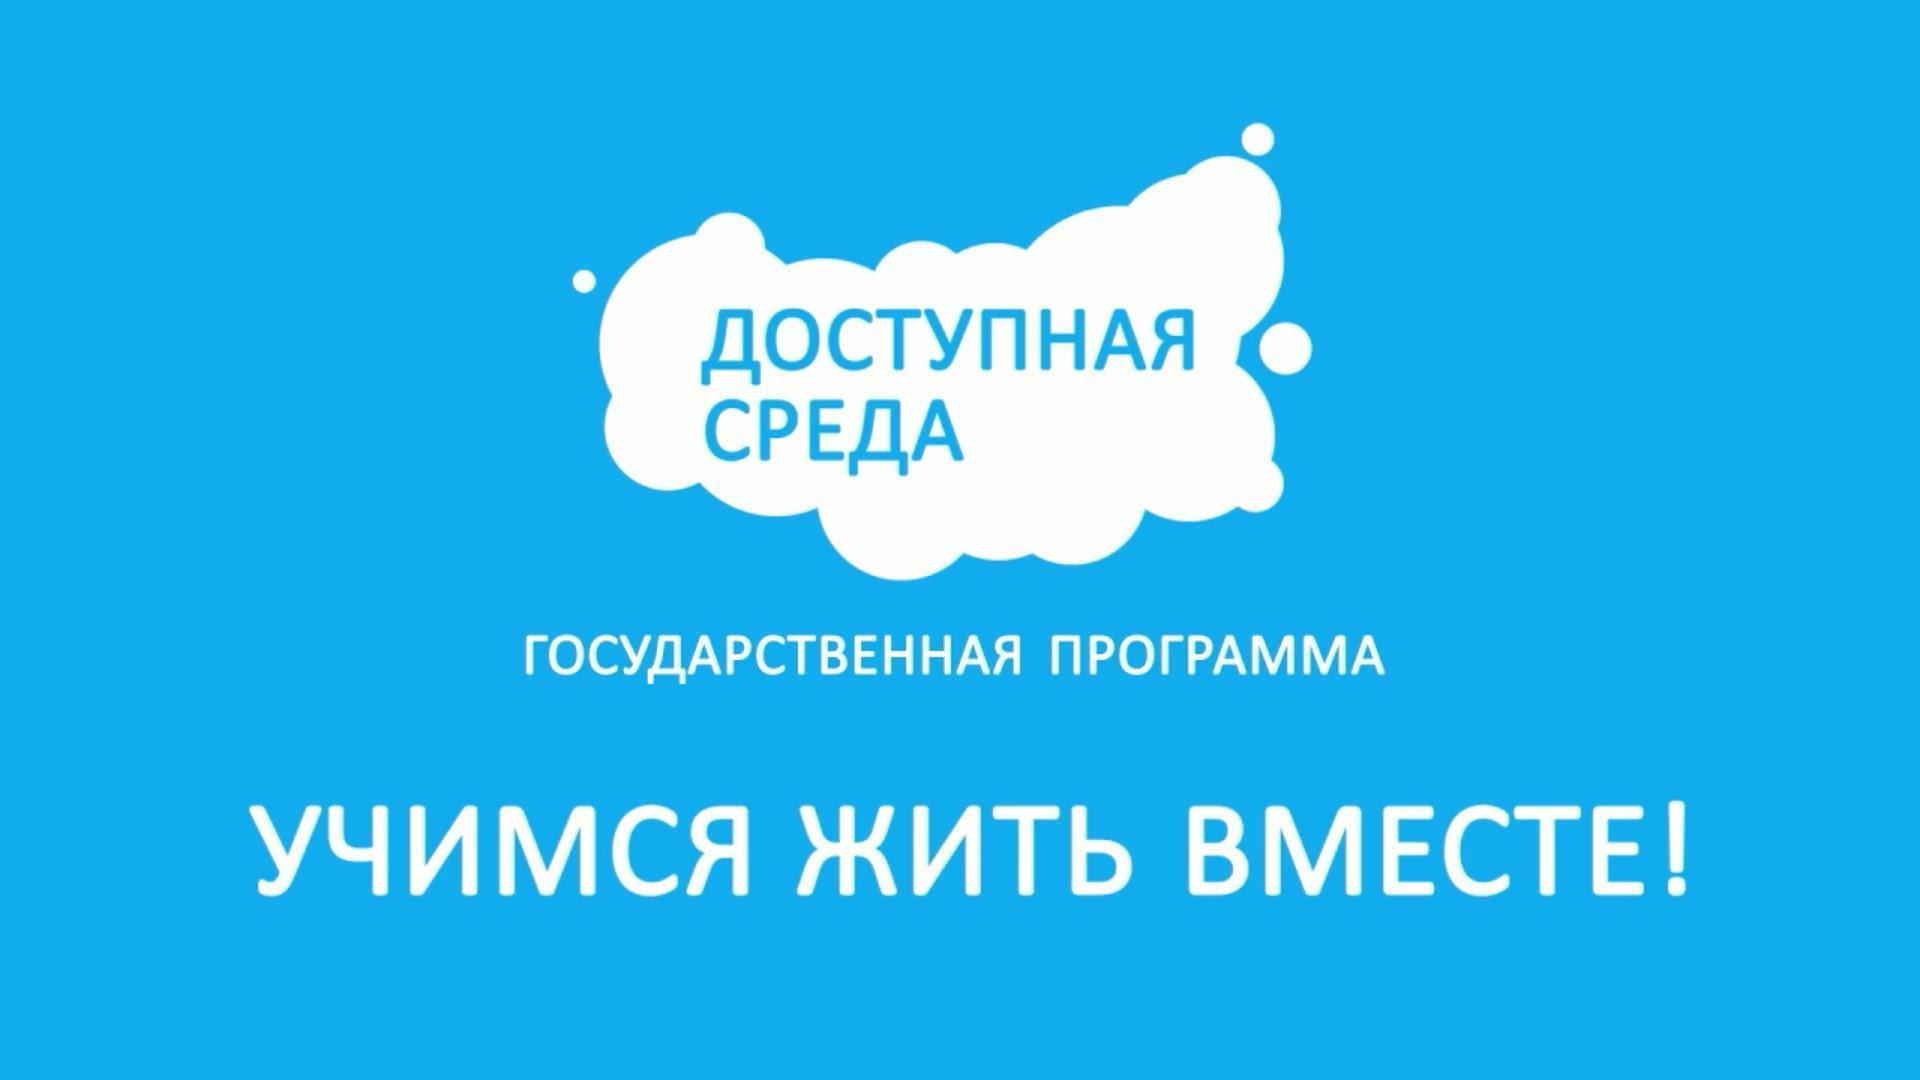 Успешный опыт школы №4 г. Мирный (Архангельская область) в создании доступной среды